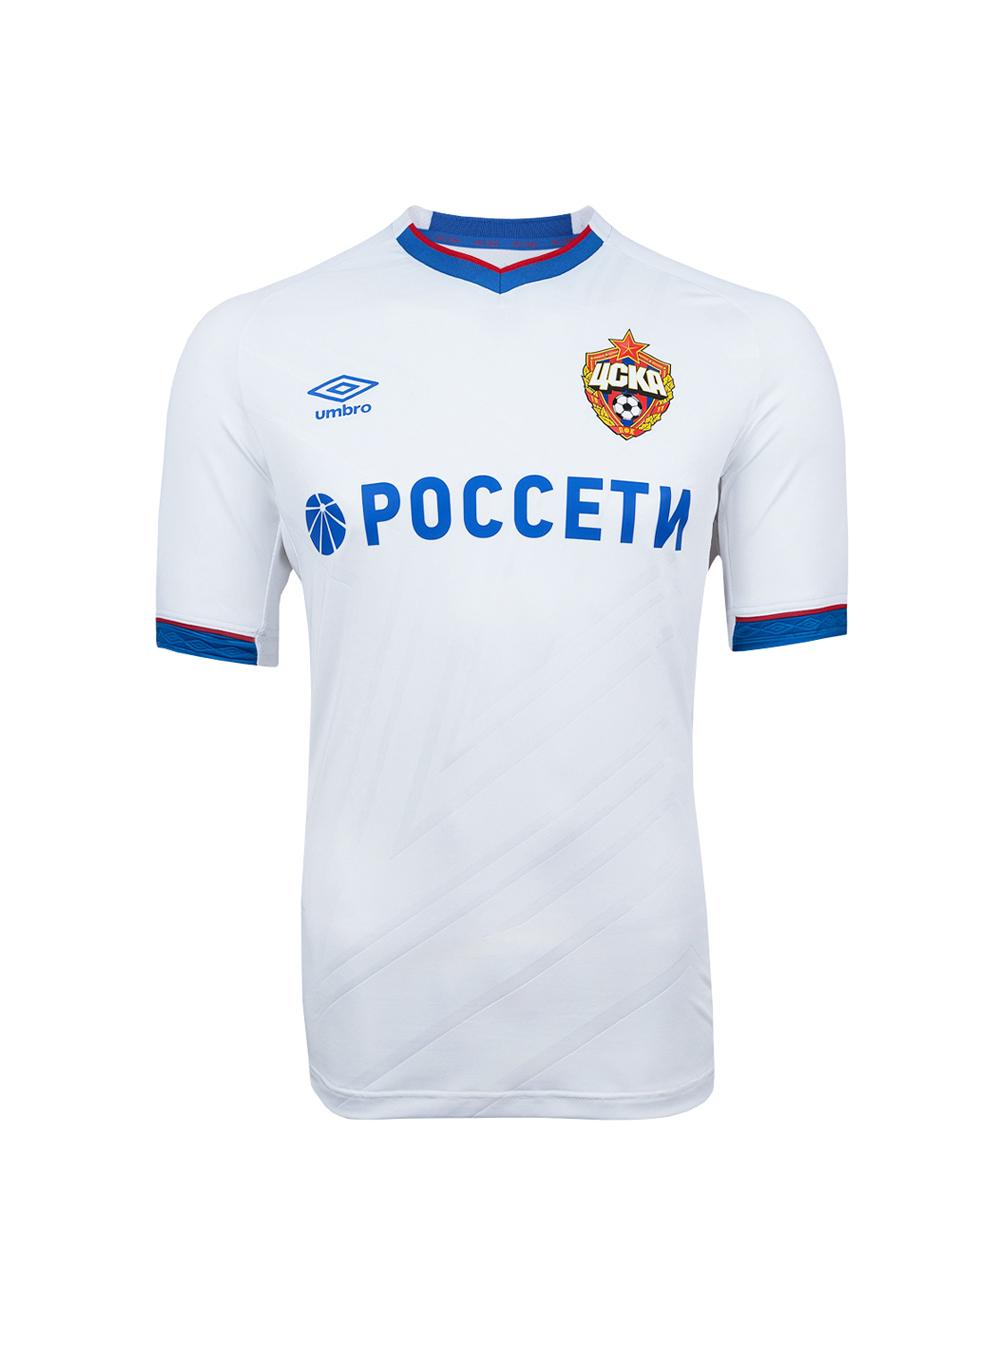 Купить Футболка детская игровая выездная 2019/2020 (146) по Нижнему Новгороду